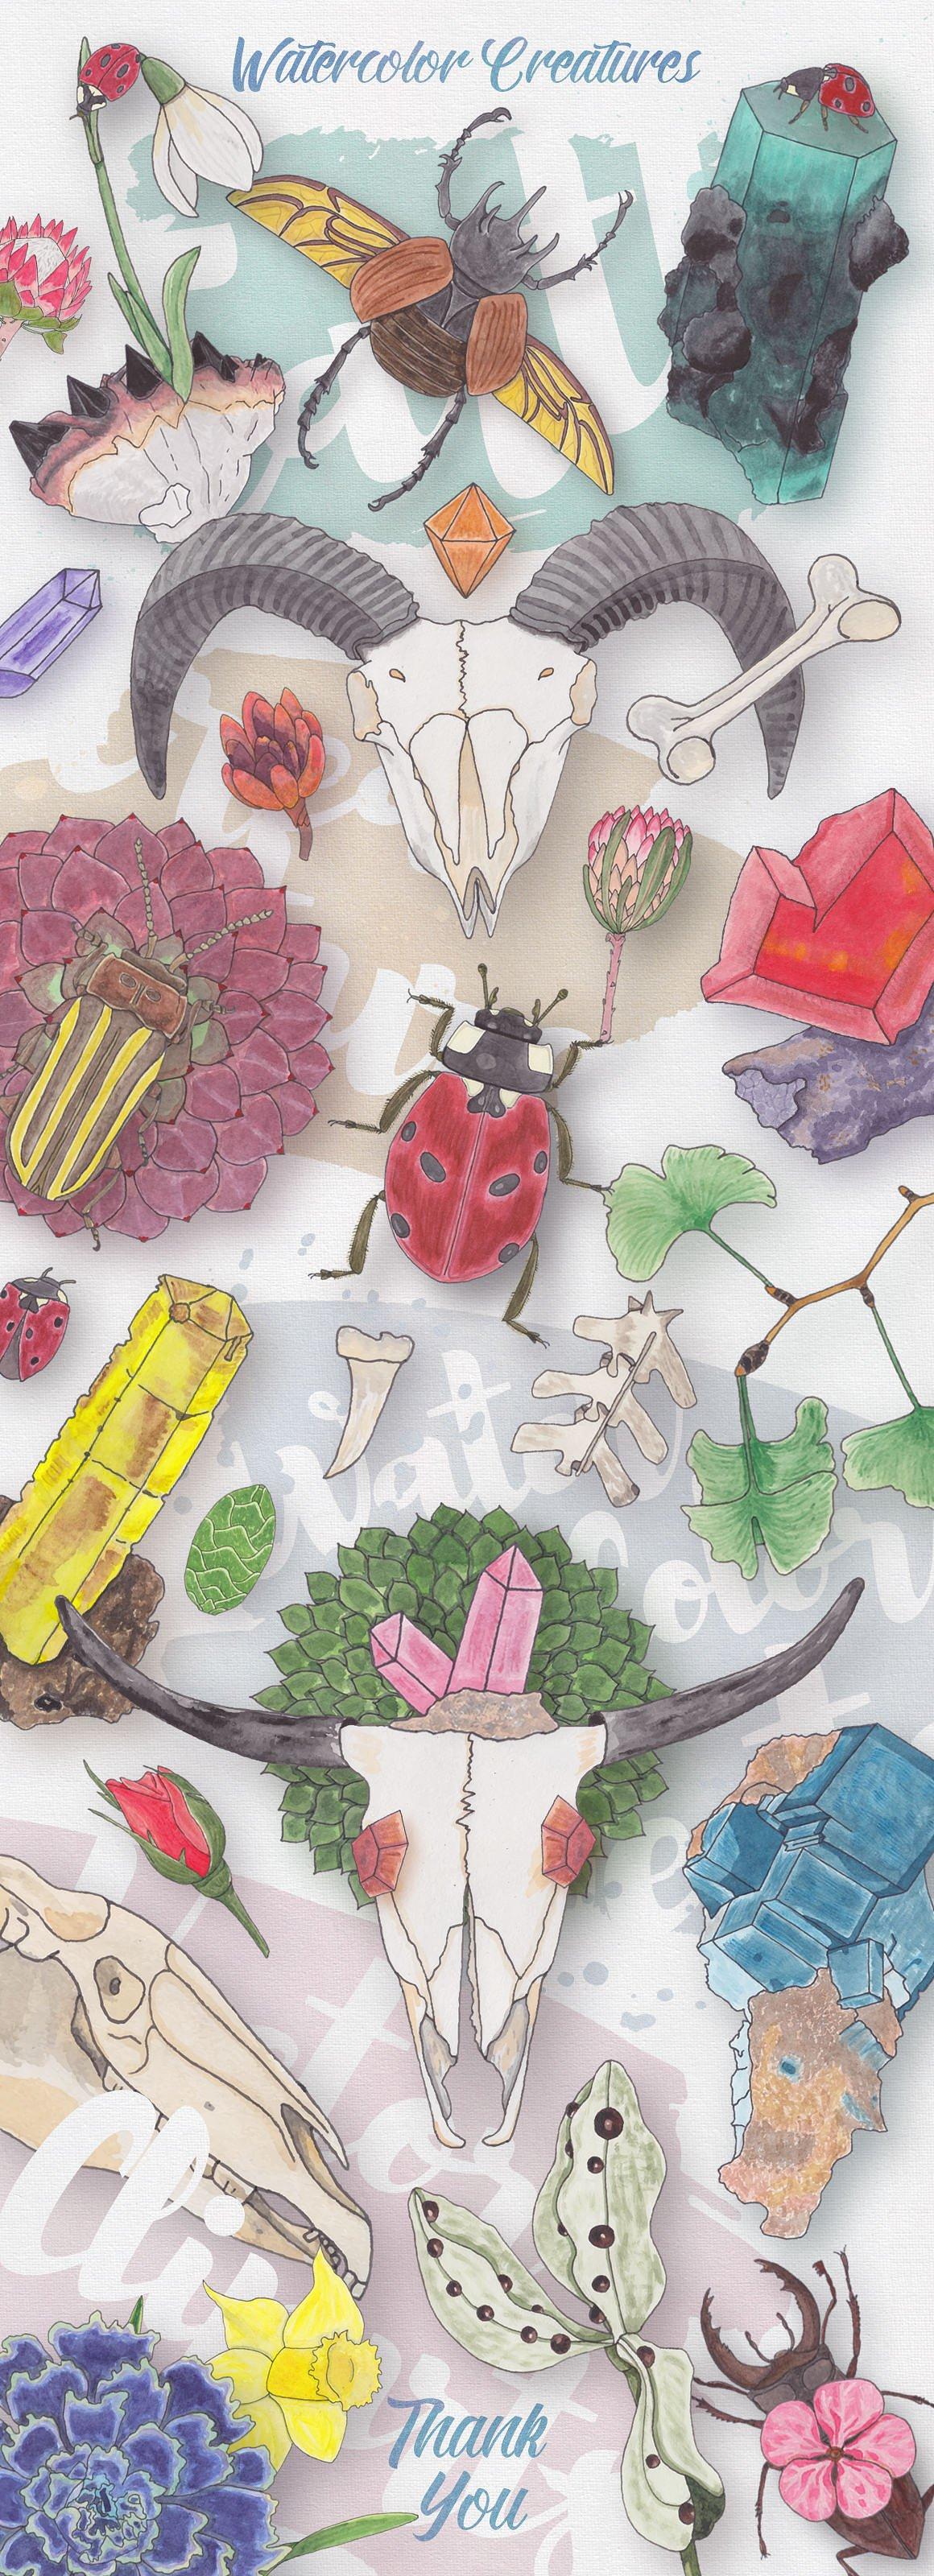 Watercolor Creatures vol.1